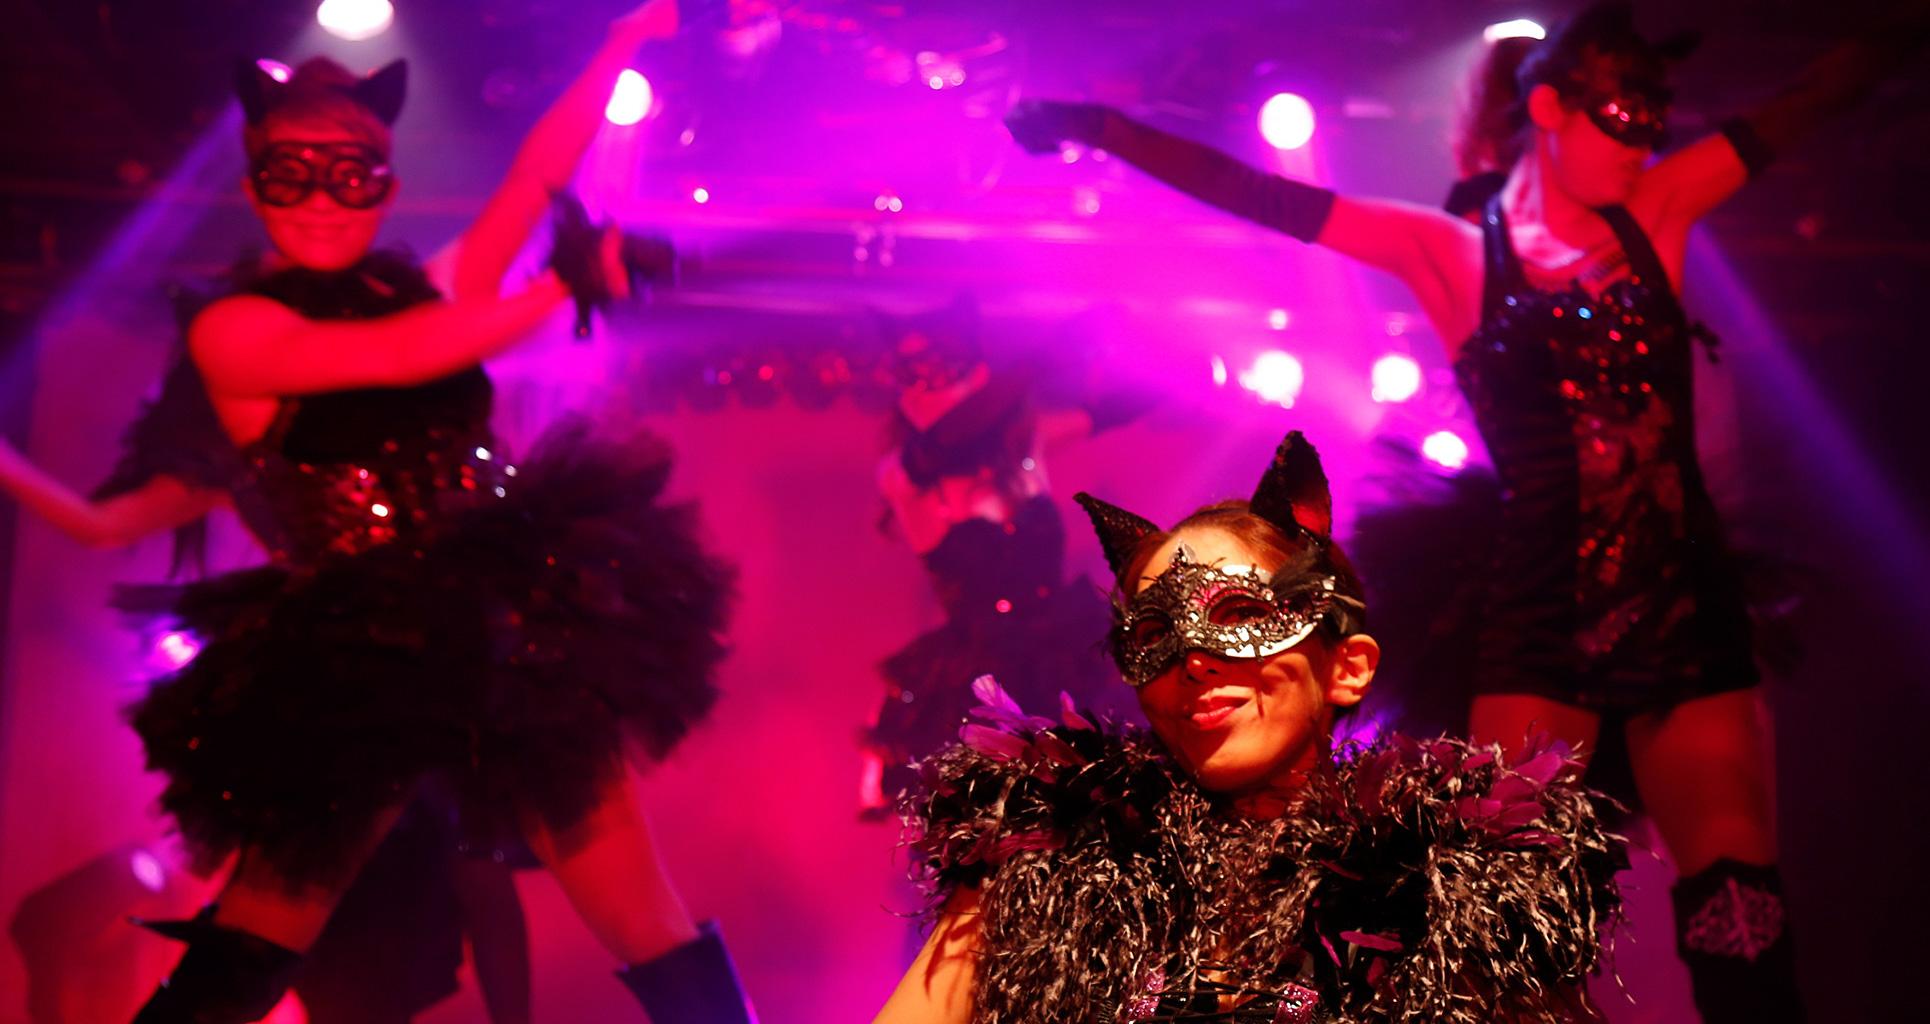 【催行決定】笑って、見とれて、楽しめる♪ 歌舞伎町で40年の老舗「黒鳥の湖」 最高のニューハーフショーを体験💖